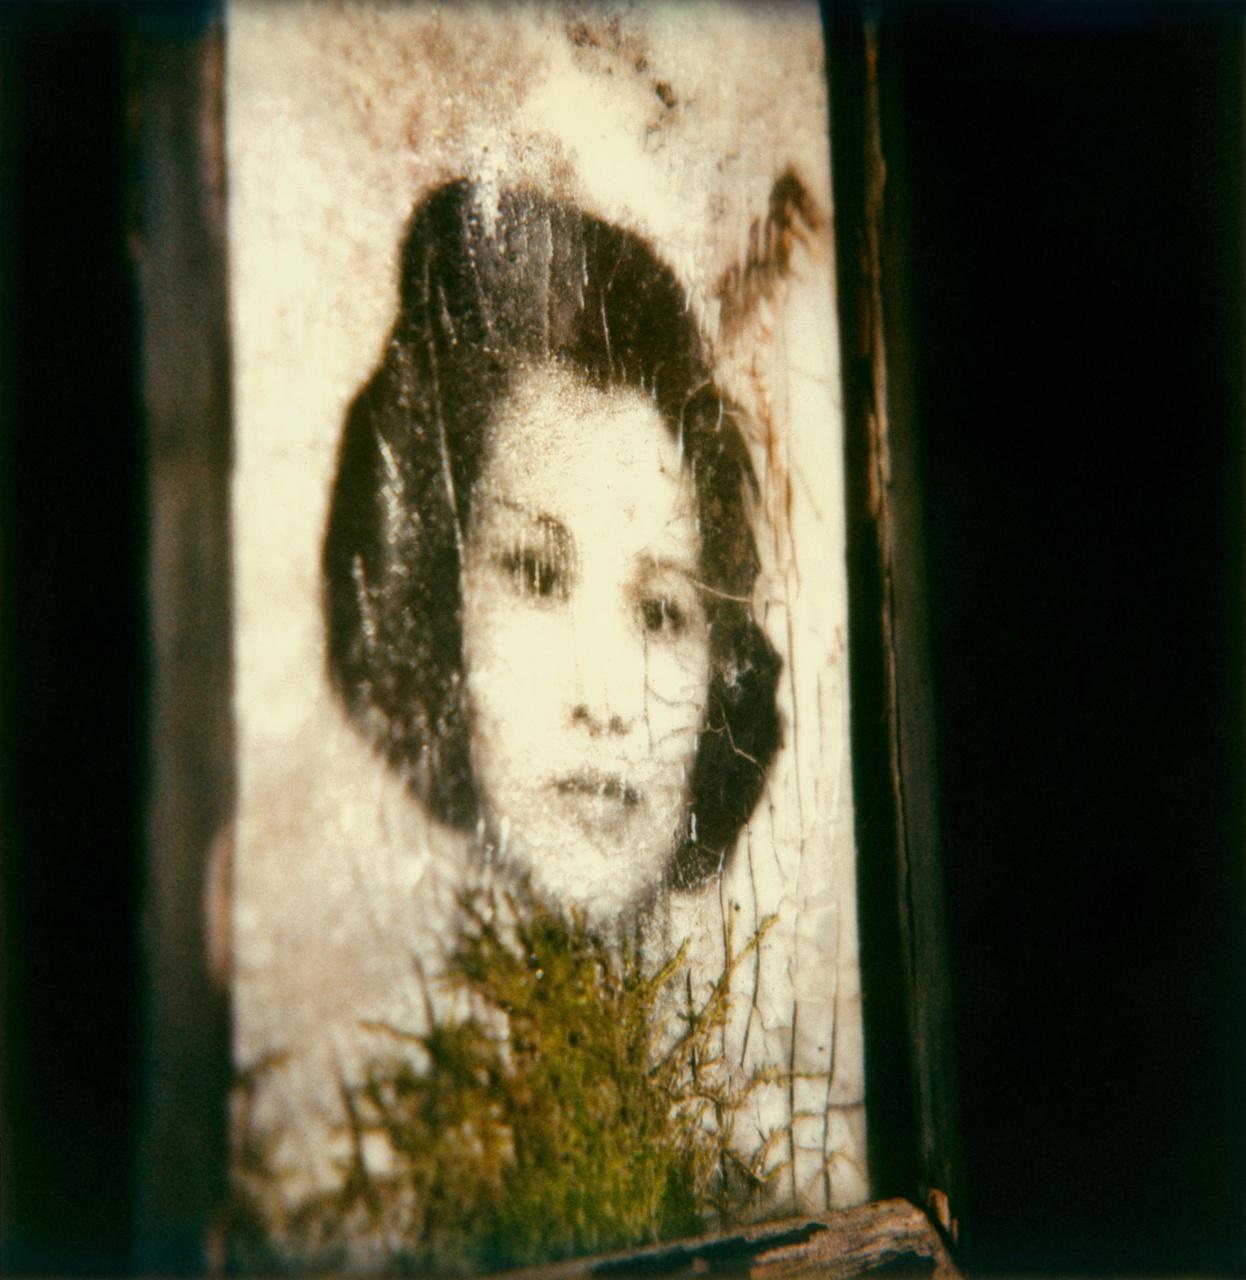 Mme Chui, Père Lachaise cimetery, Paris, France.